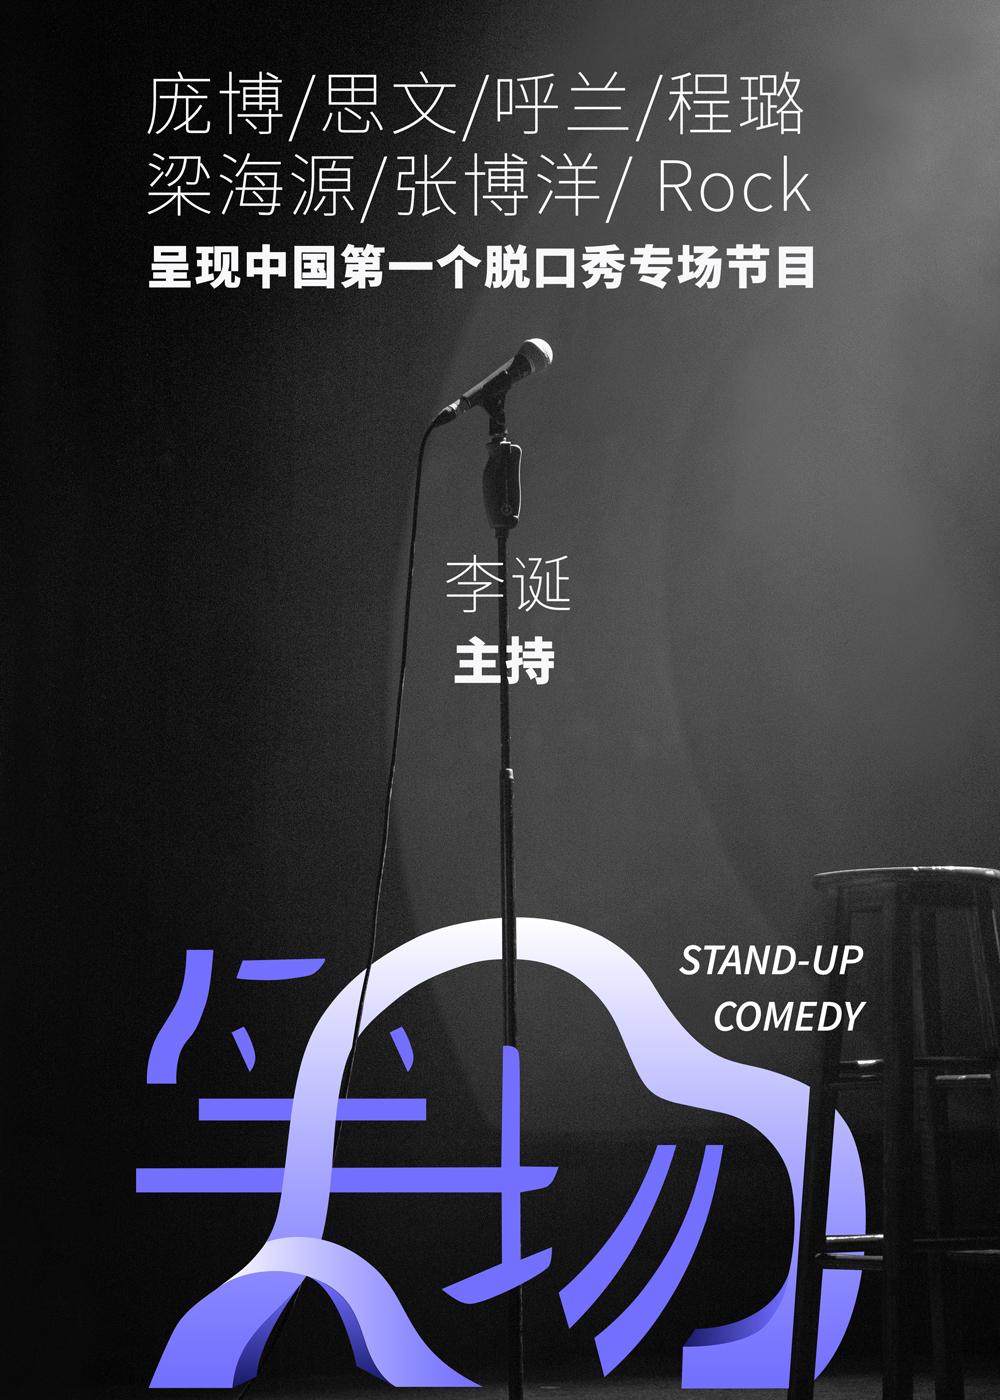 """第1期:呼兰脱口秀专场李诞""""砸场""""剧情介绍"""